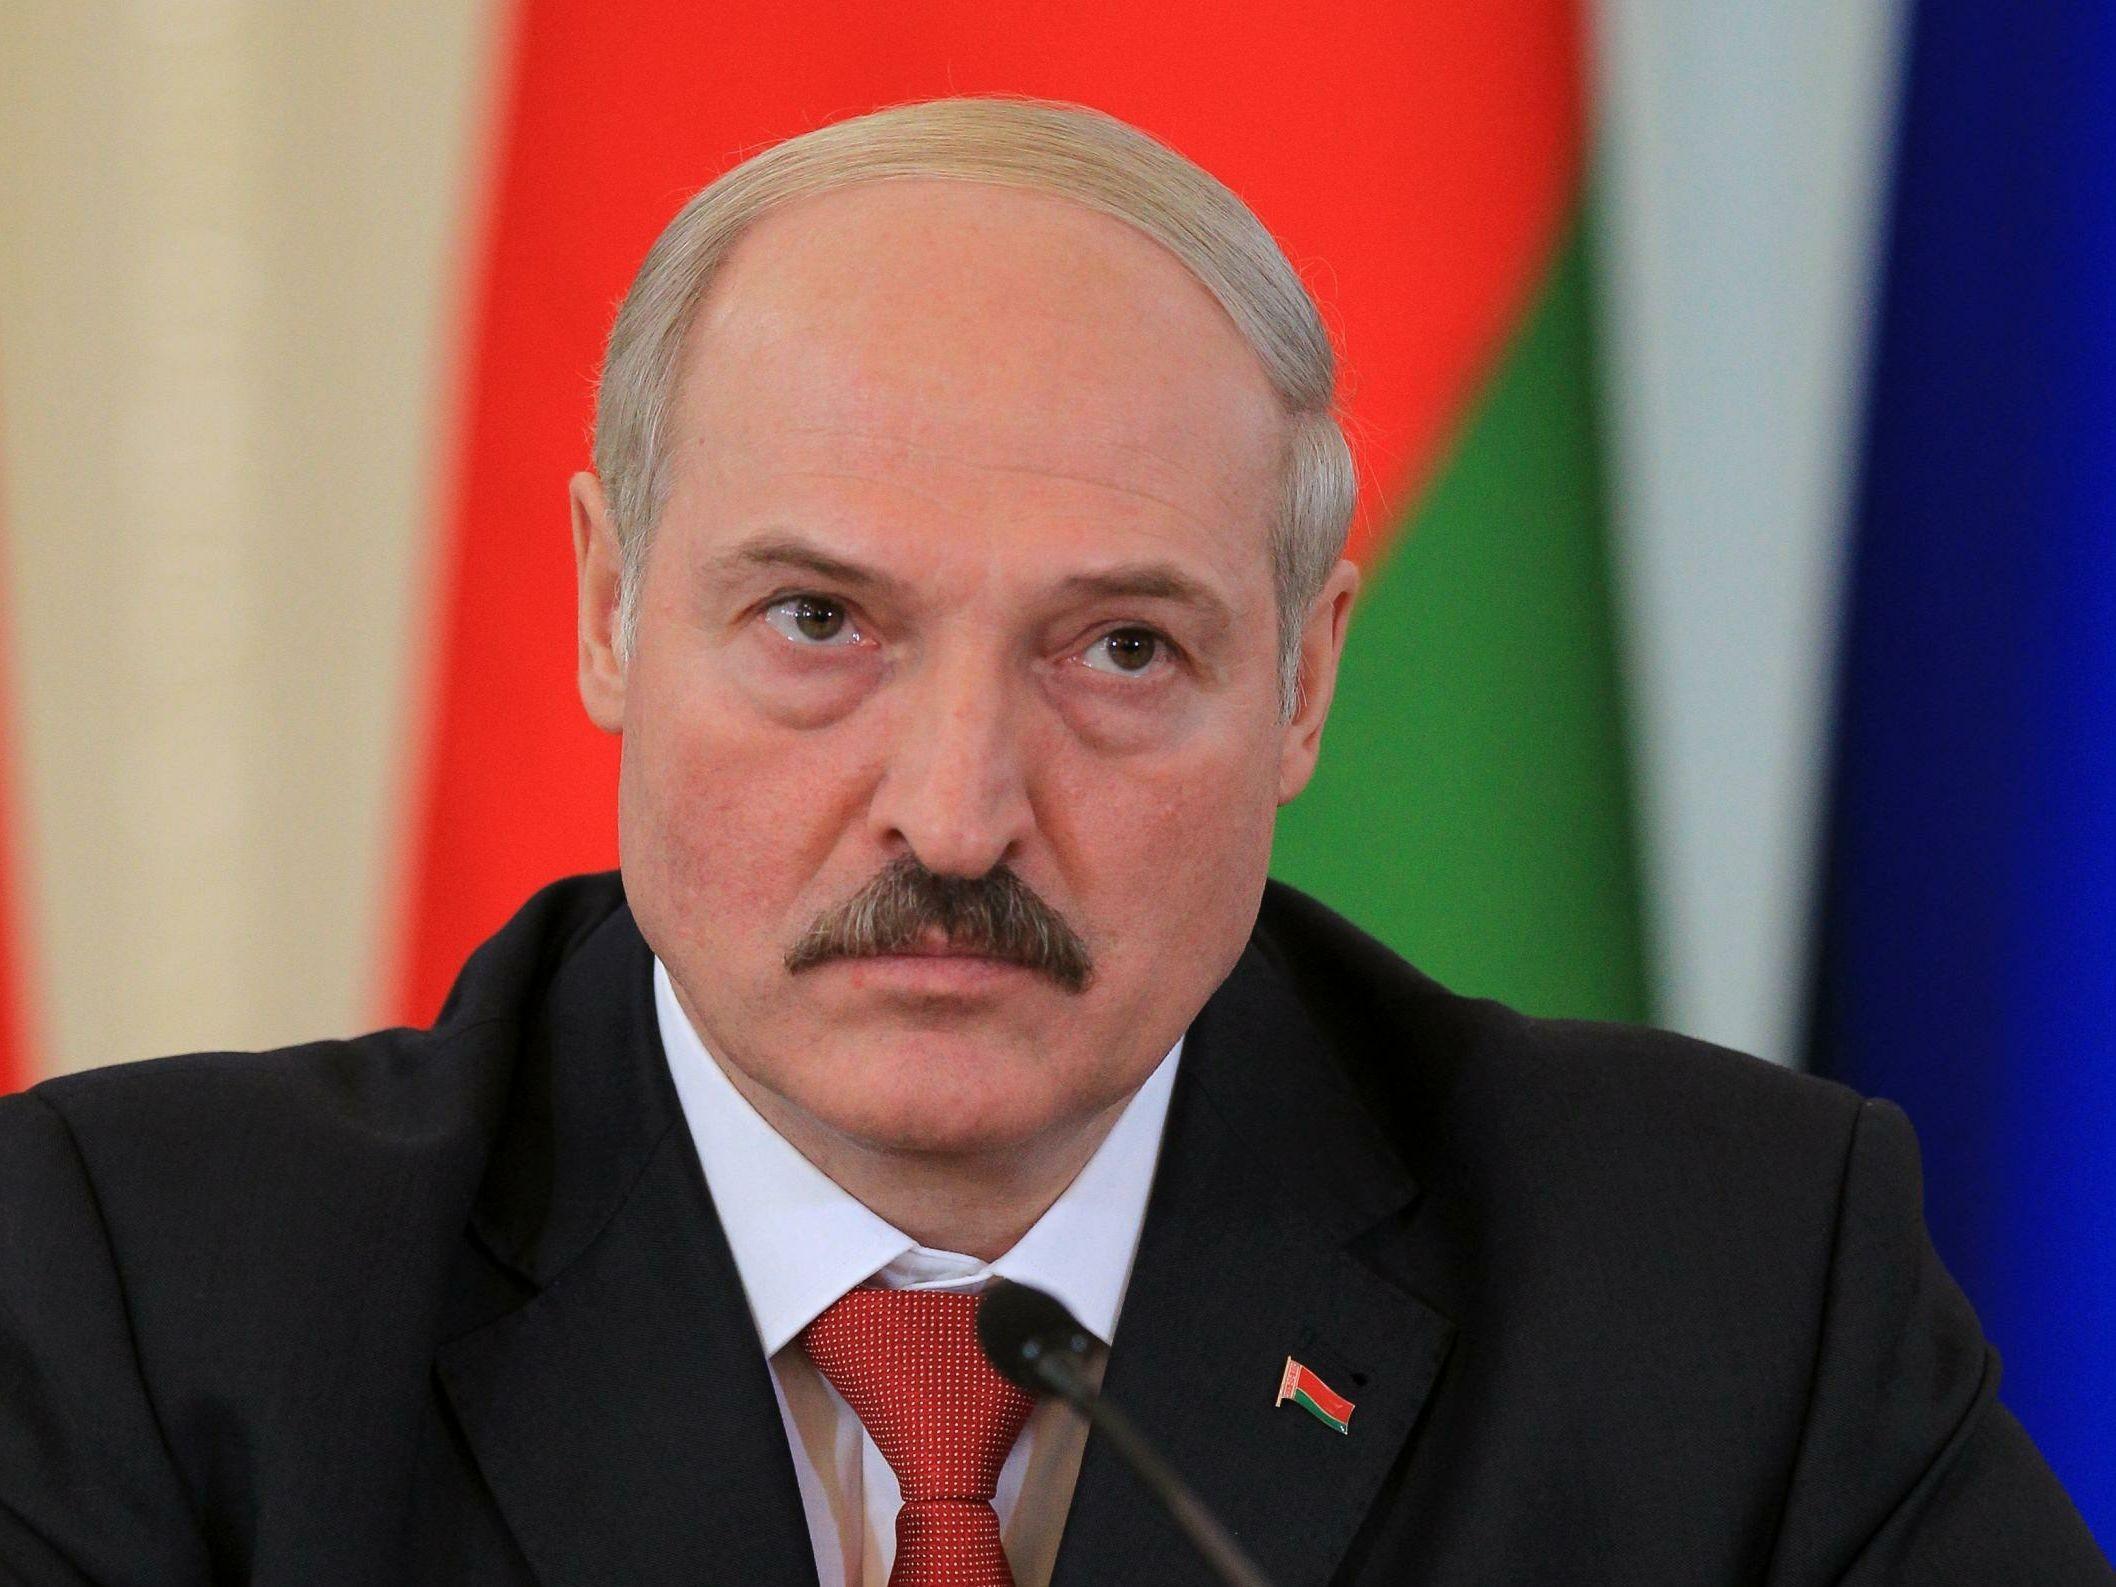 Лукашенко объявил ораздражении работой СЭЗ в Белоруссии